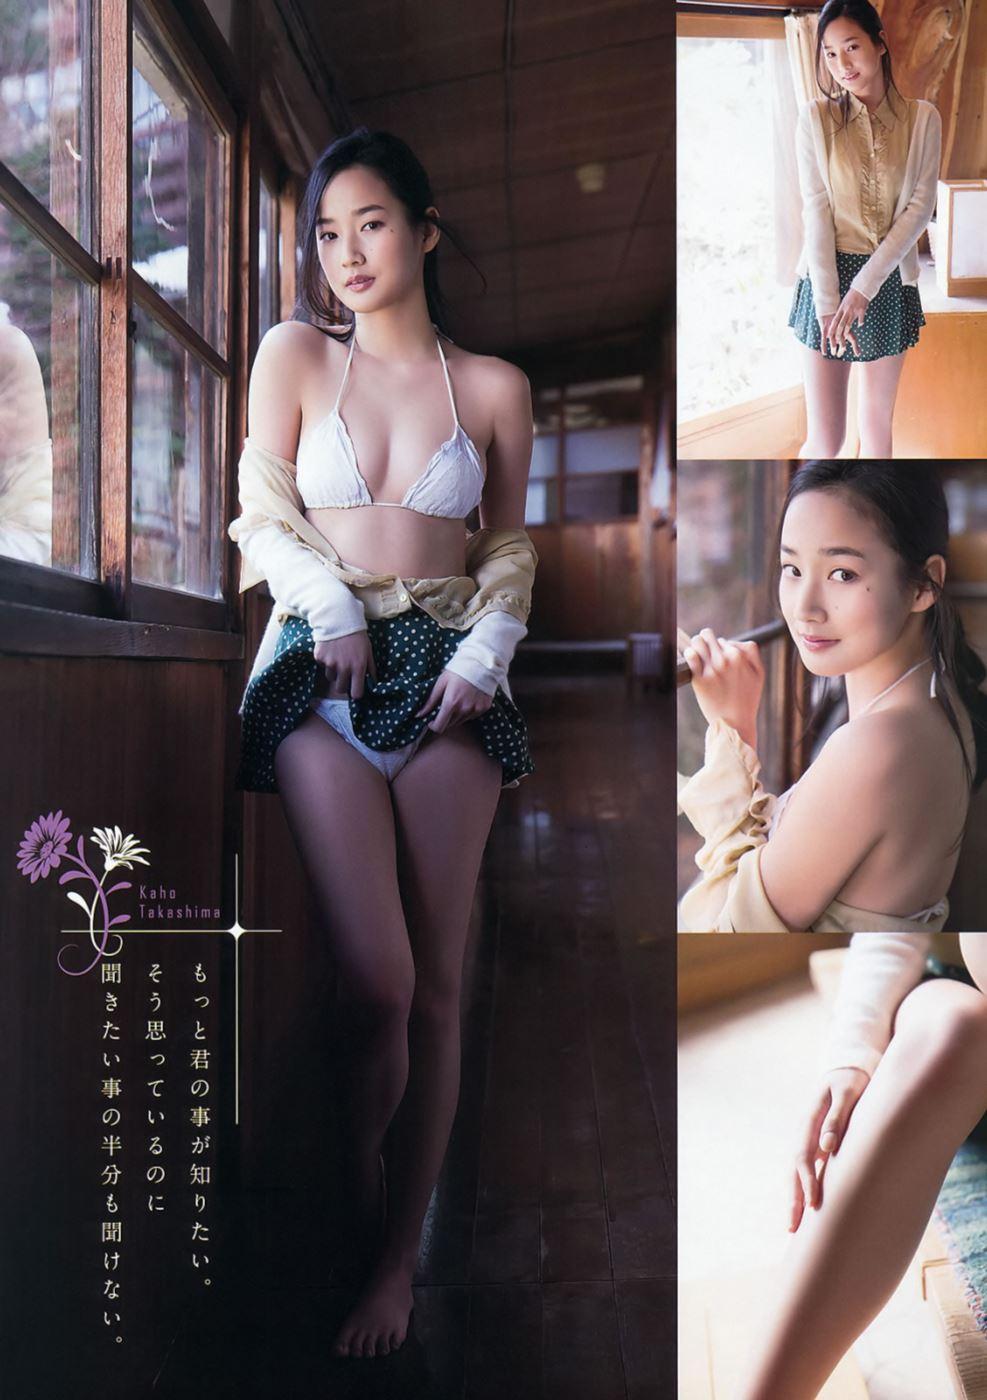 高嶋香帆 セクシー画像 92